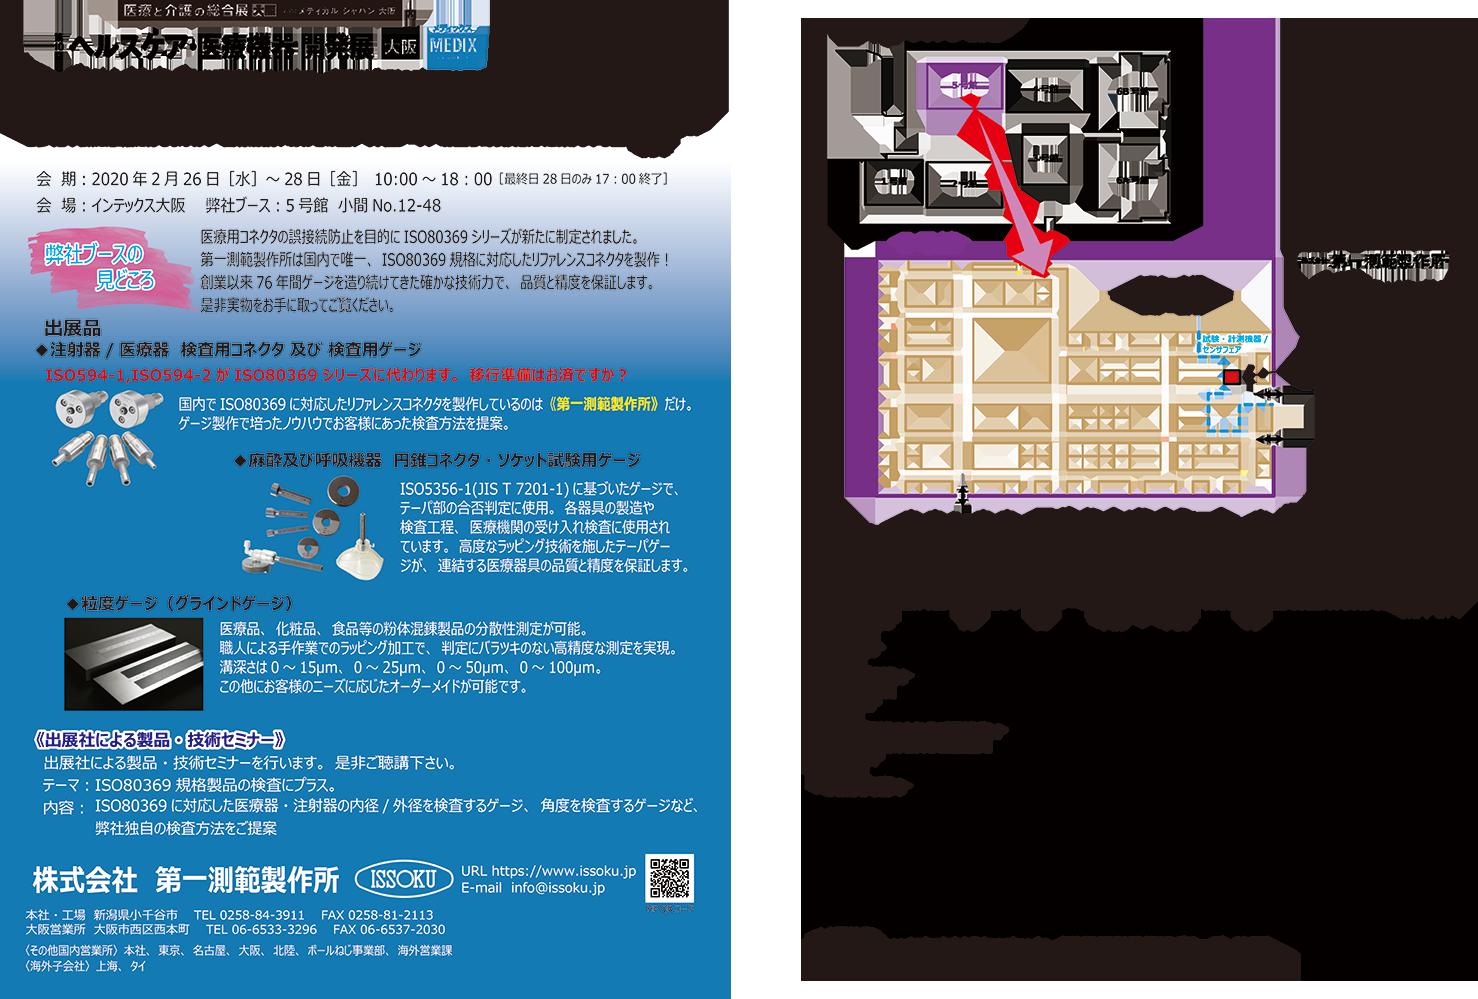 medix2020案内(出展社セミナー_日時・会場追加-verWebサイズ)